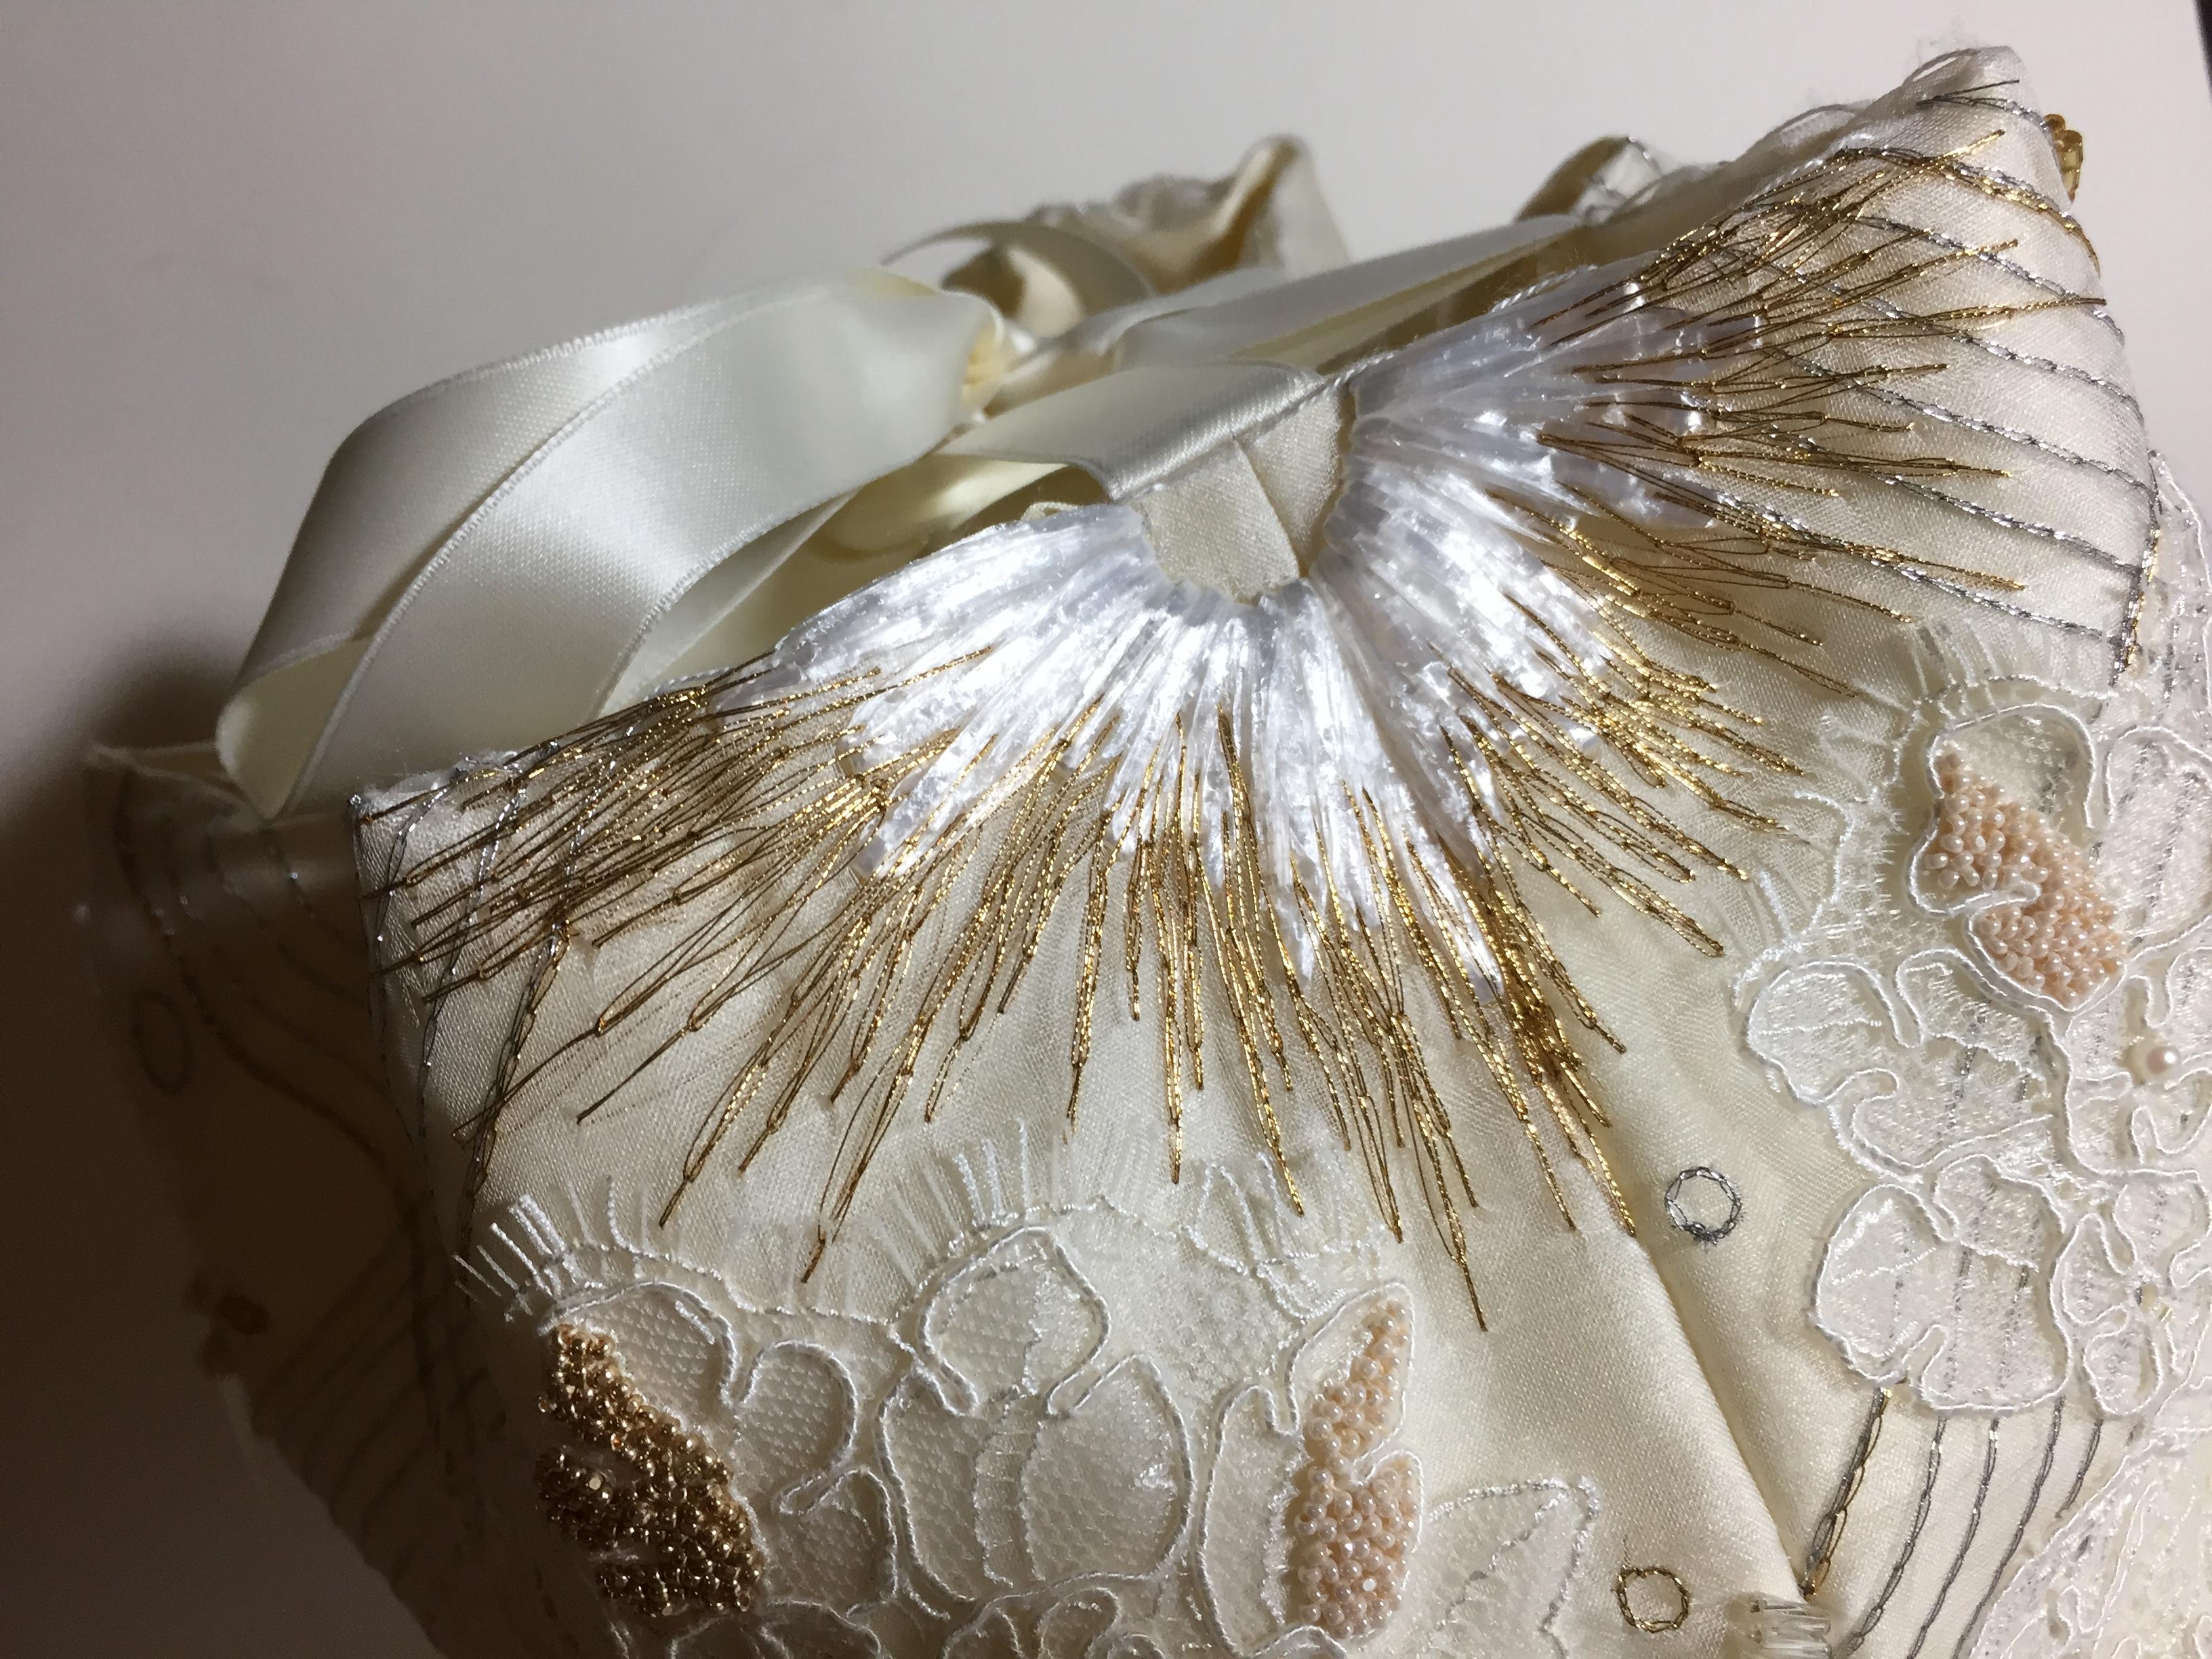 Patroon sluit prachtig aan op de naad! Werkstuk van Maria voor Mastering Borderie d'Art 2